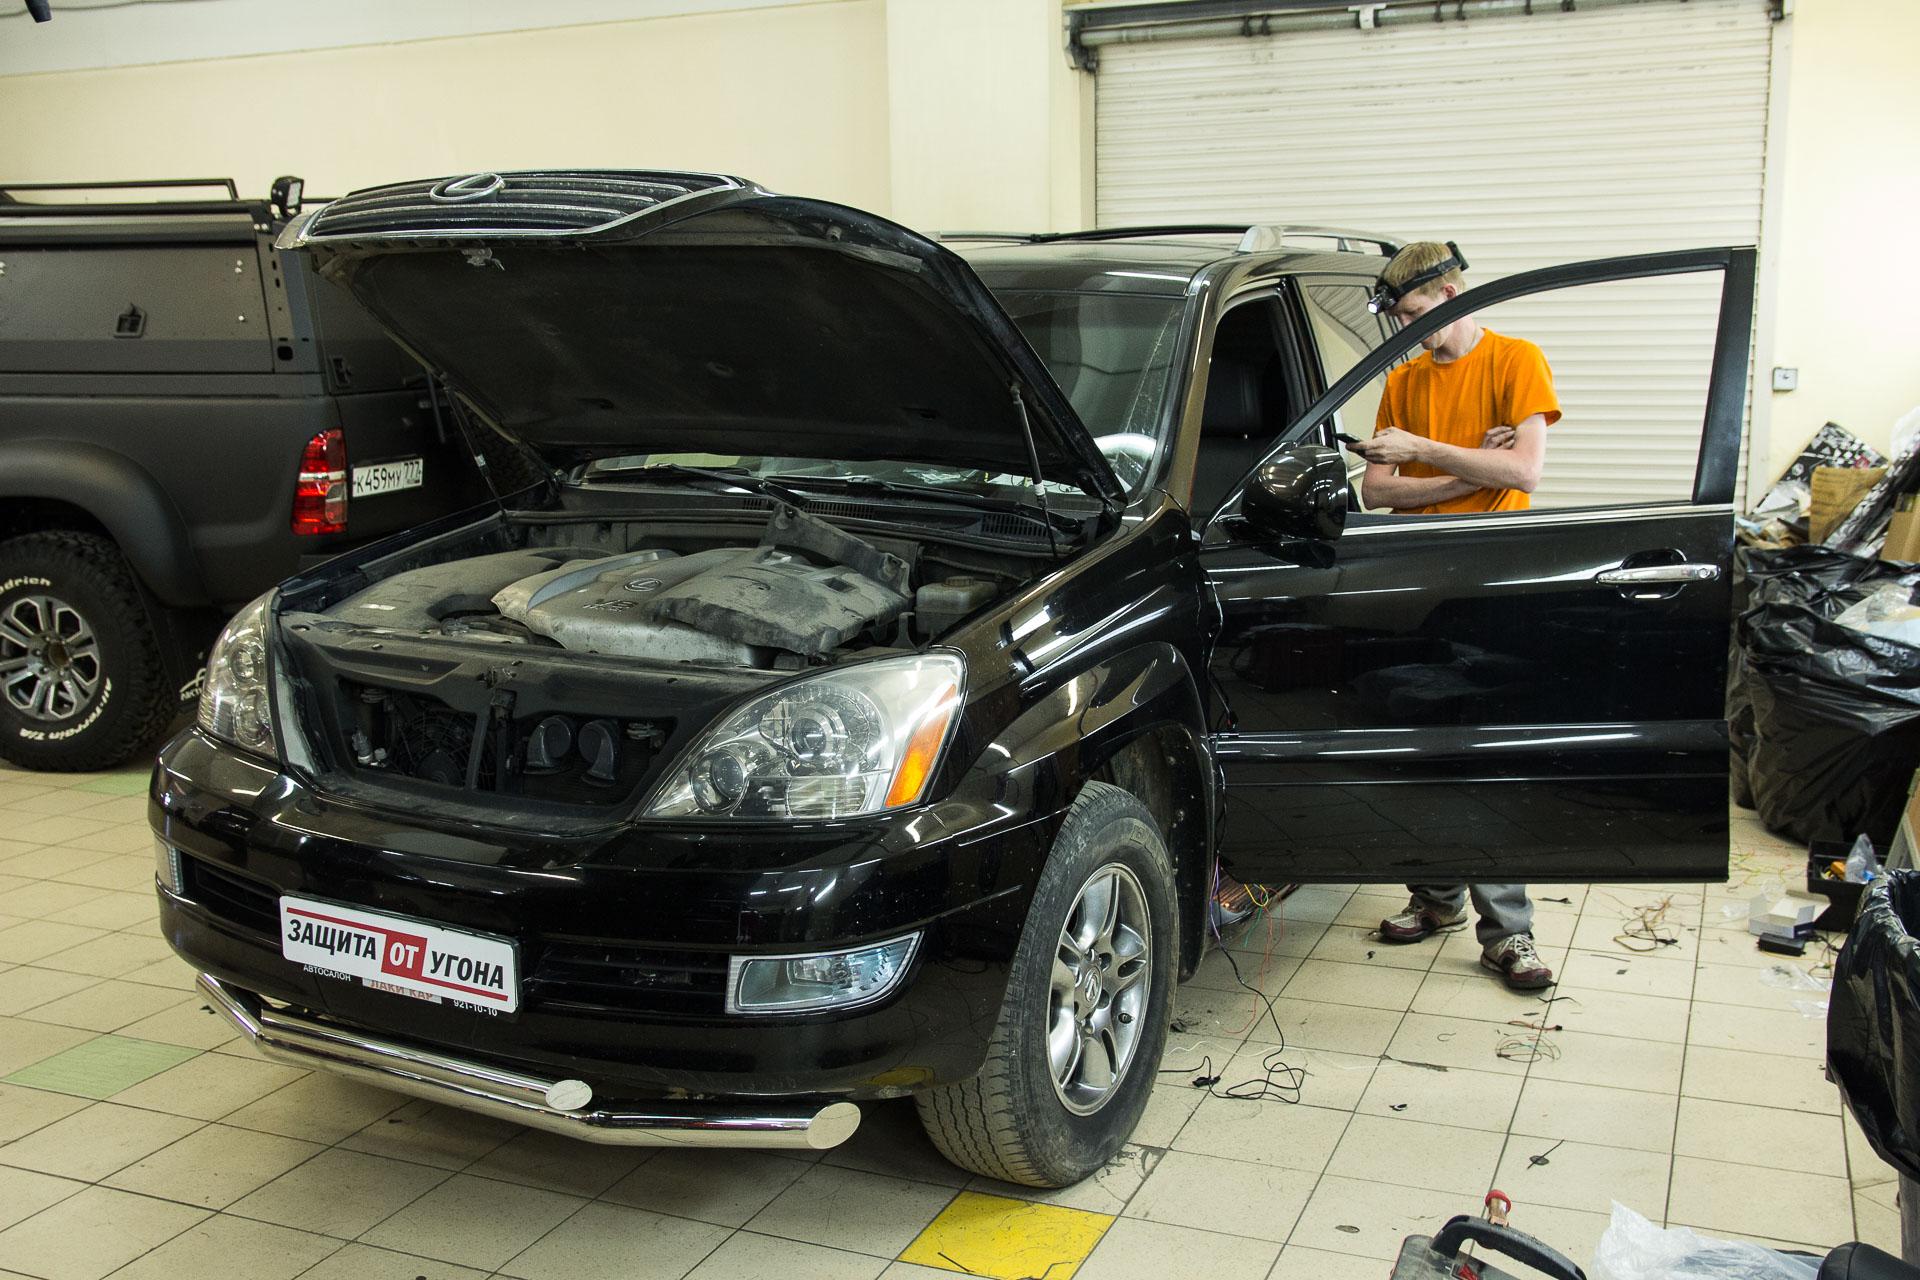 Установка сигнализации Pandora 3910 на Lexus GX470